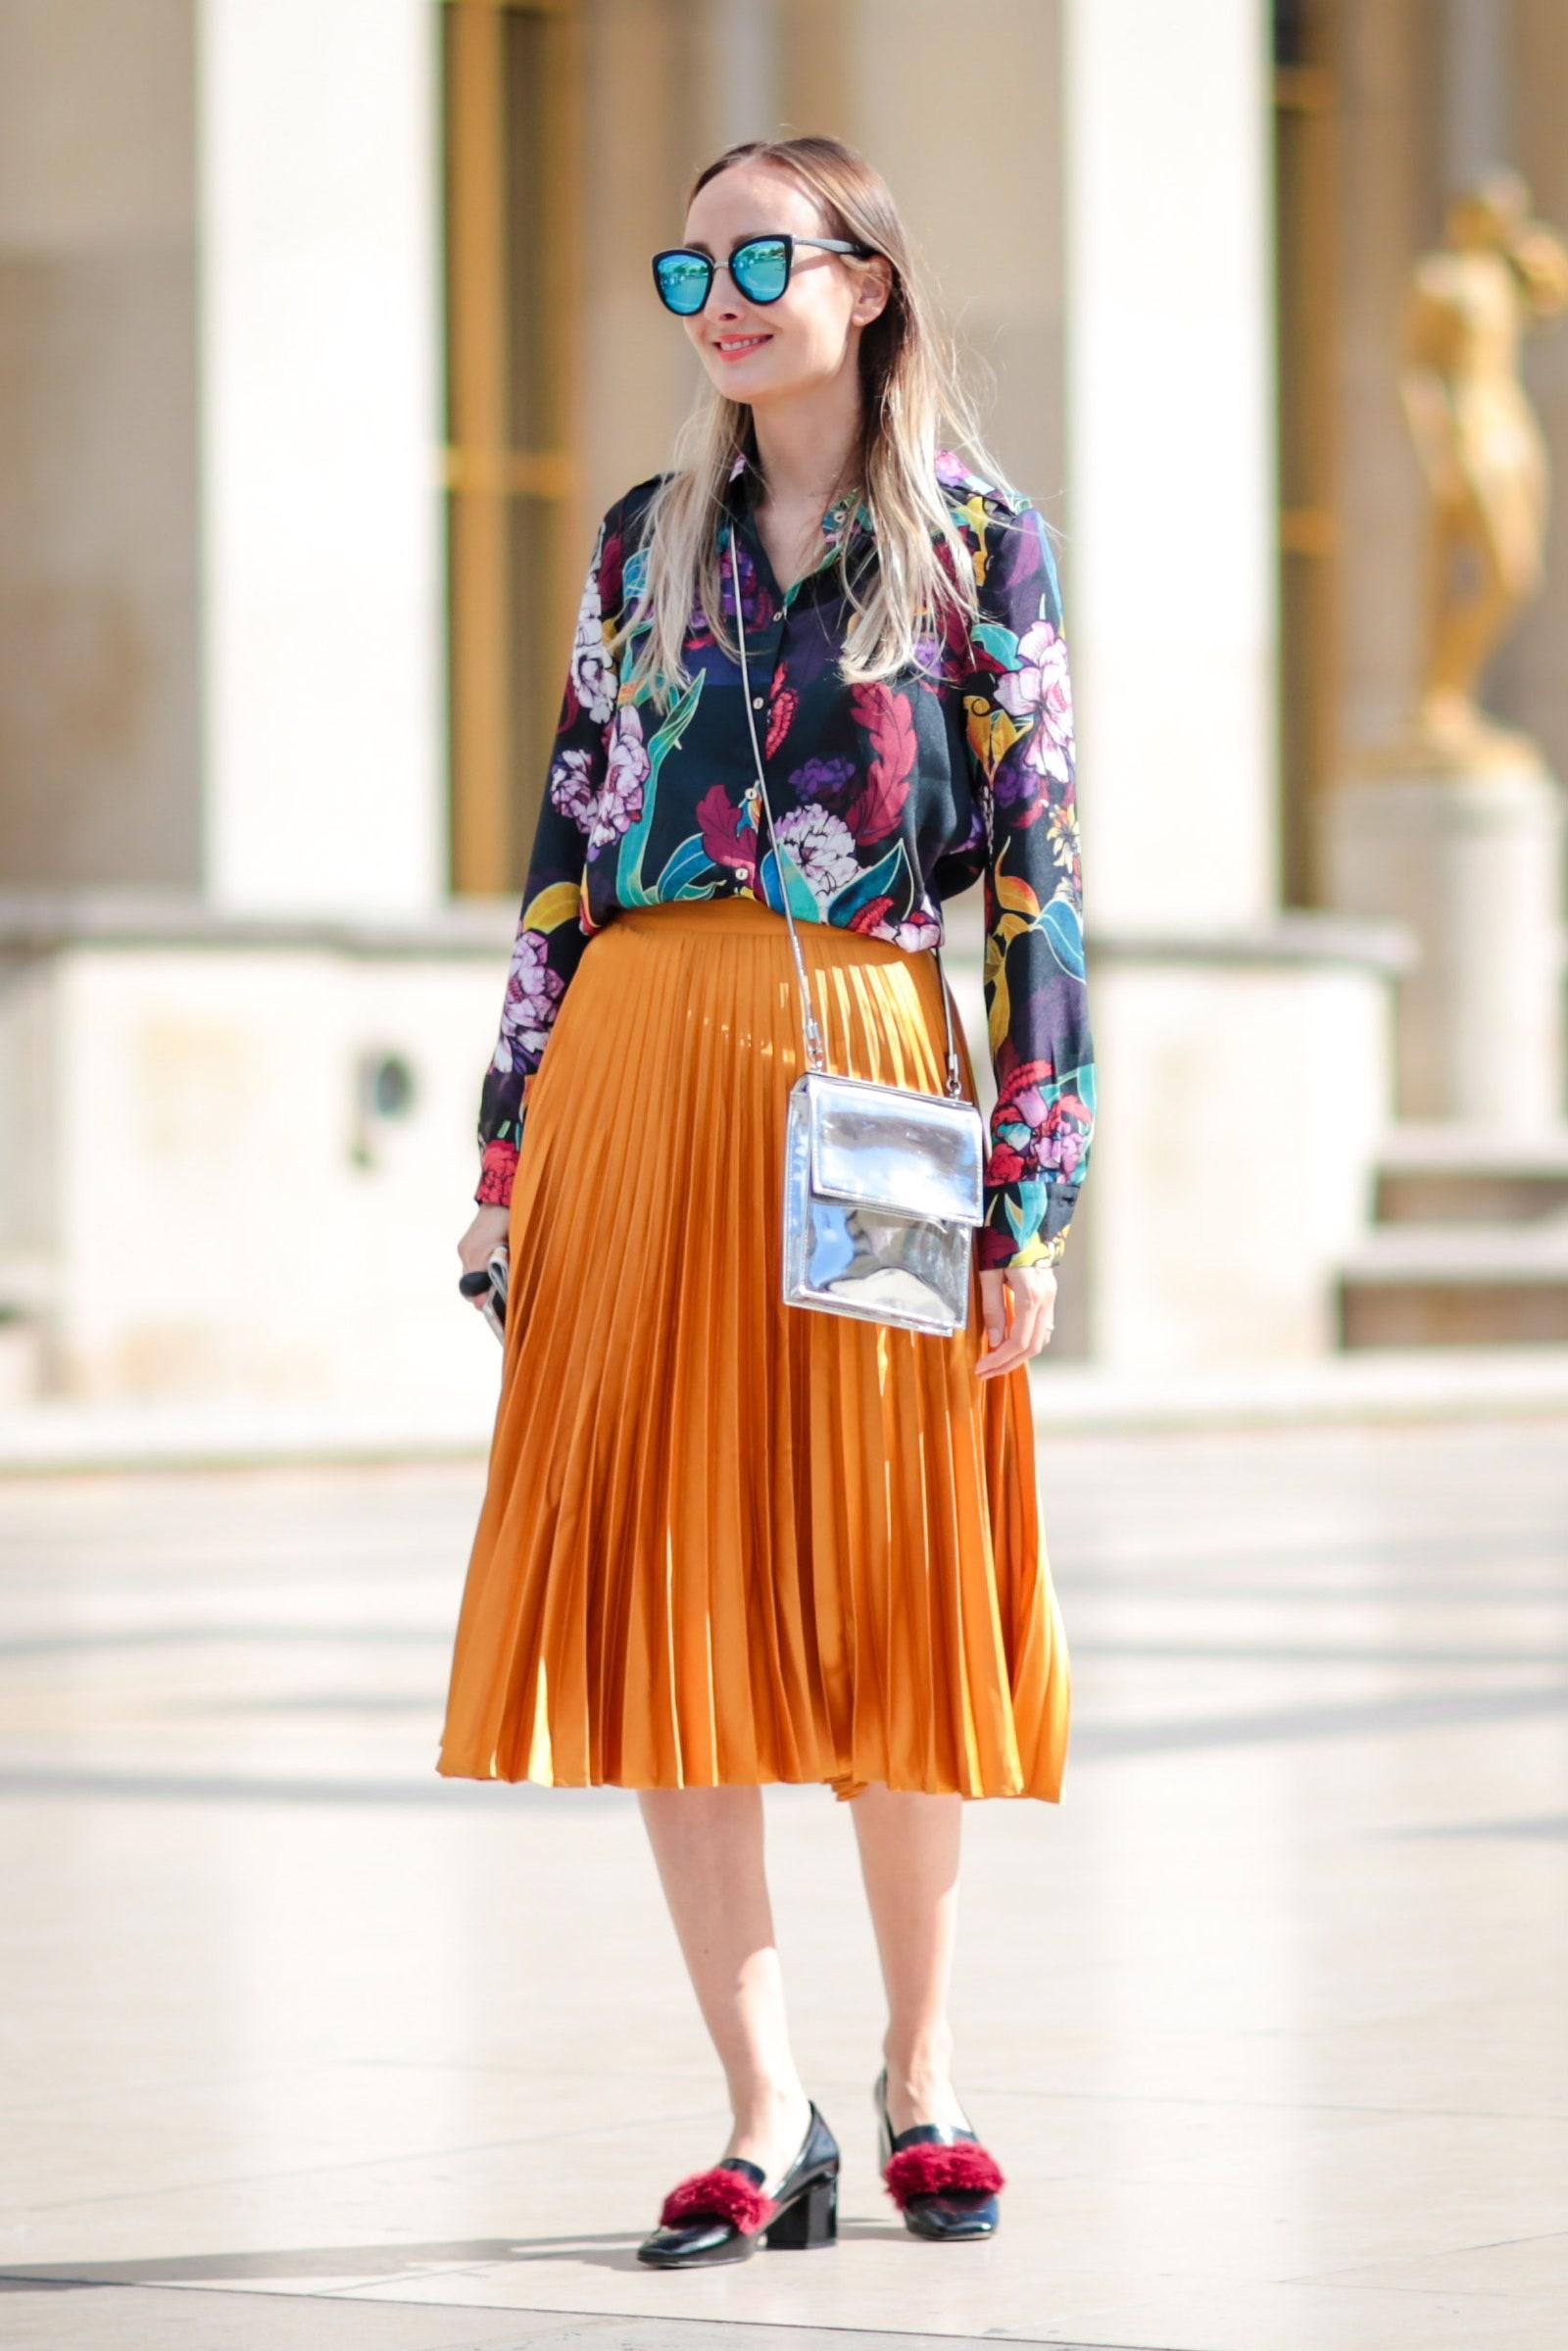 Farebný outfit s výrazným vzorom môžete nosiť v lete do práce.